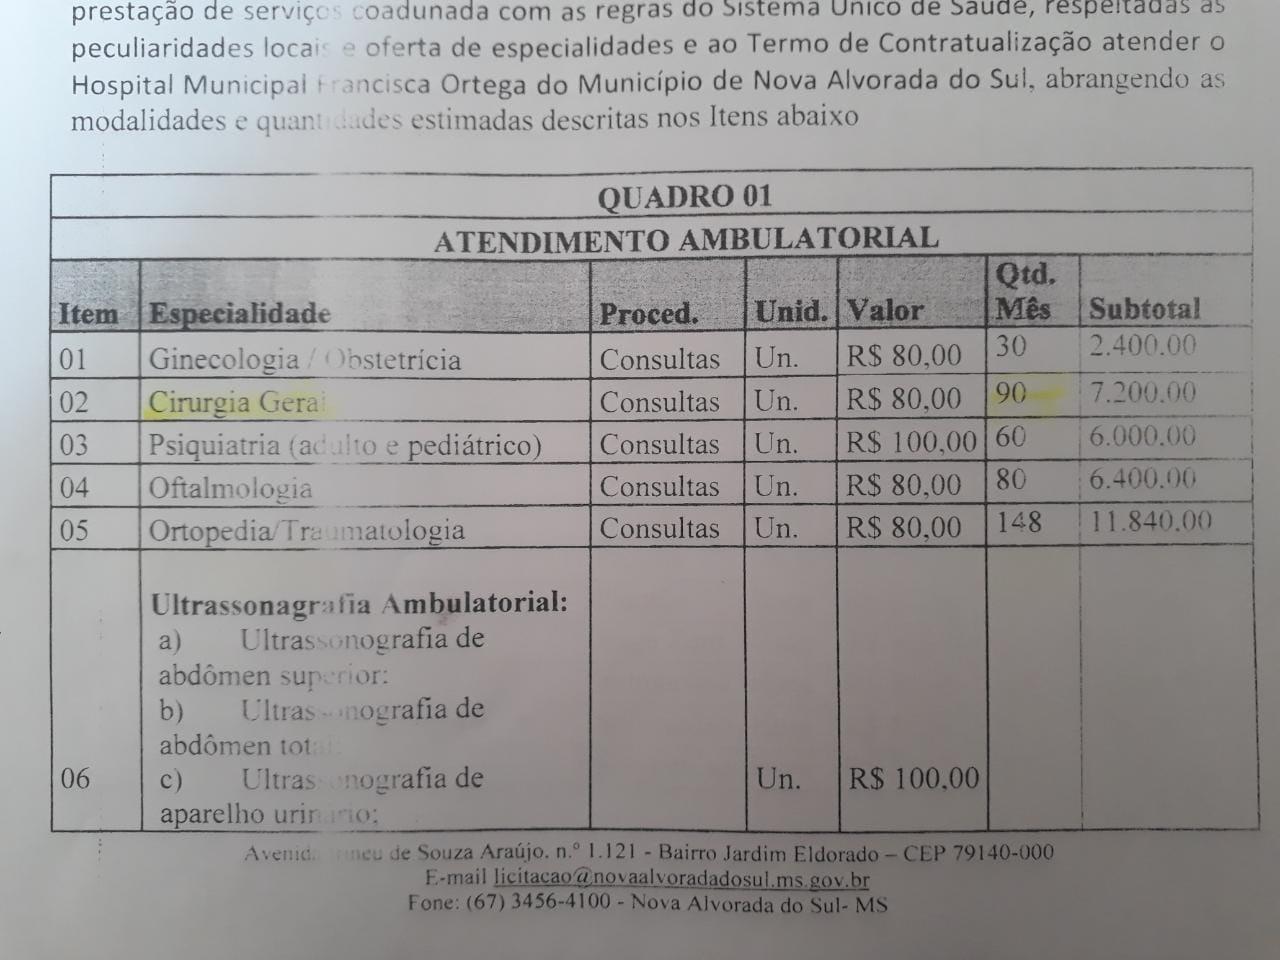 Edital de Credenciamento médico nº 001/2019 – Inexigibilidade nº 001/2019 do processo Administrativo nº 070/2019,